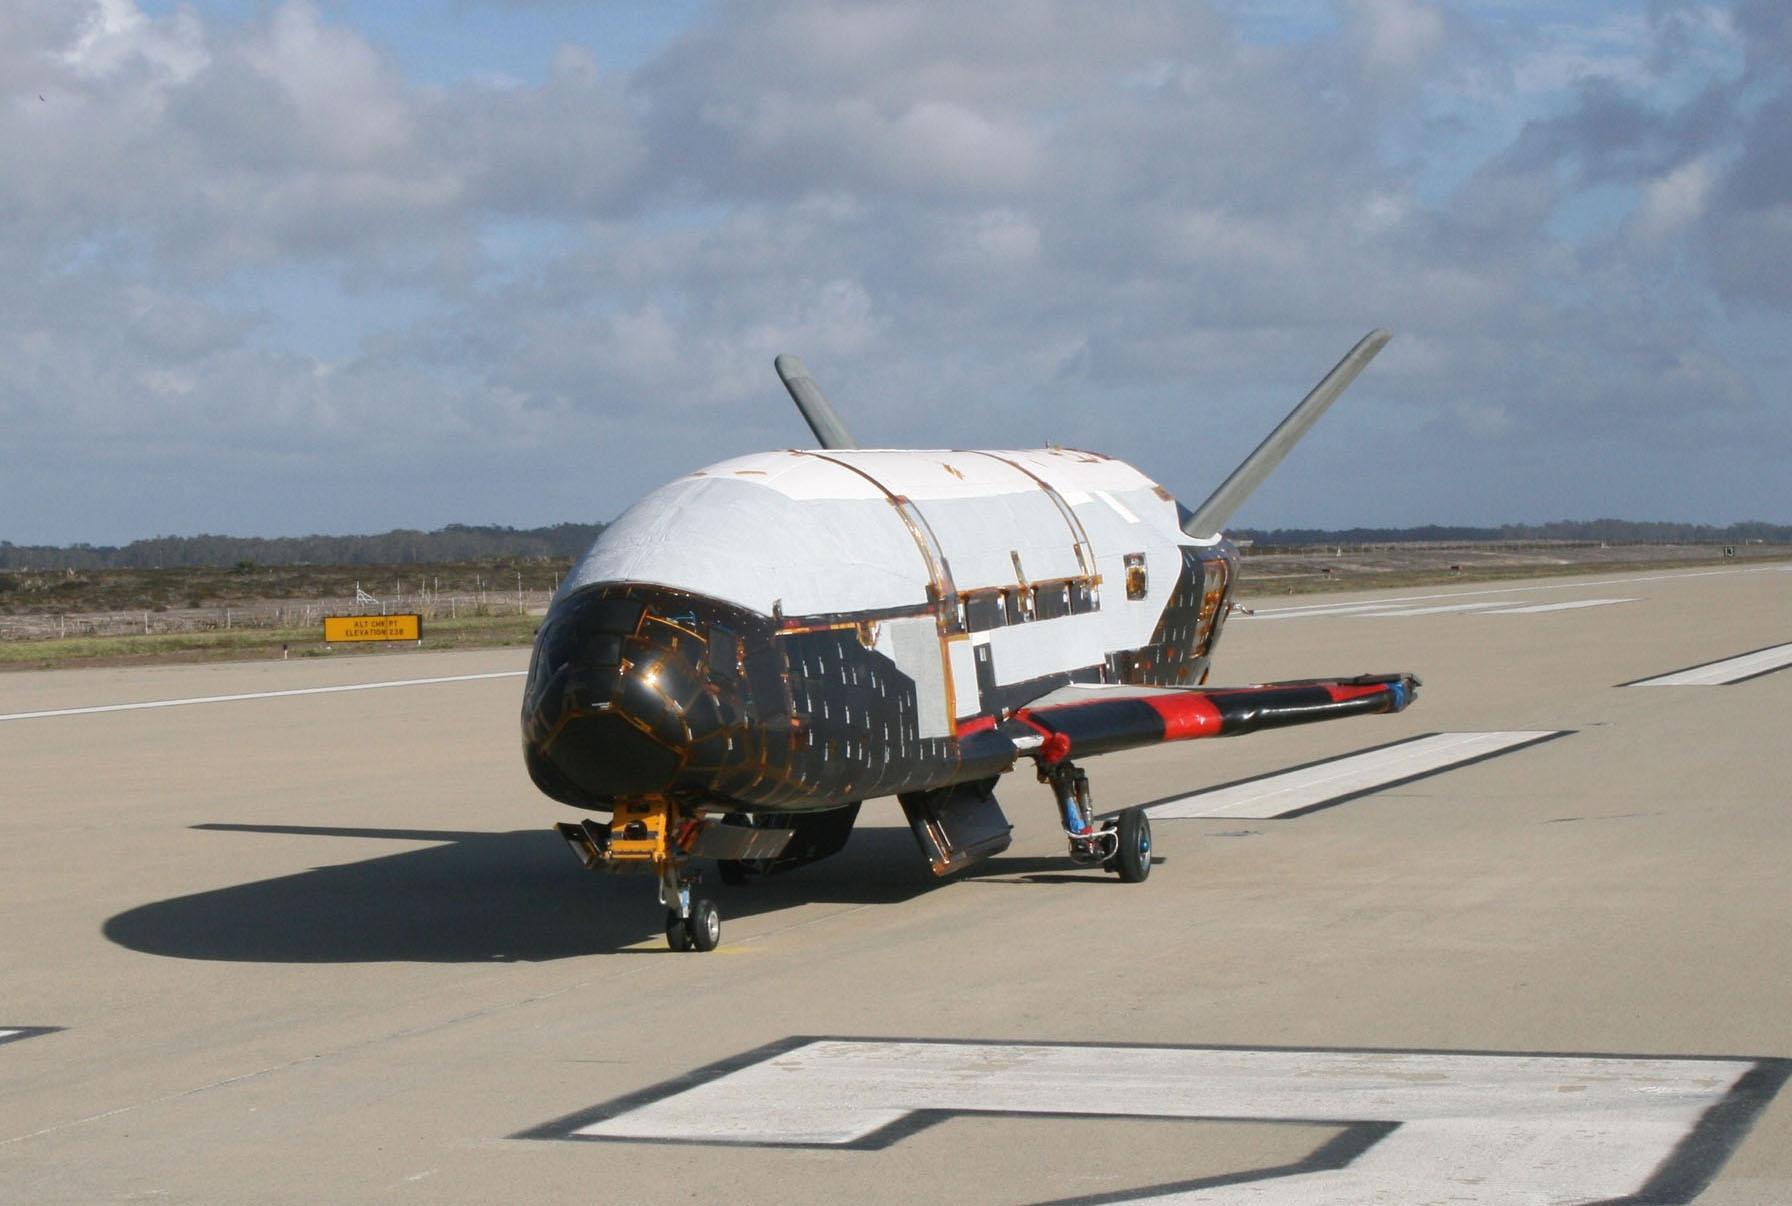 L'avion spatial X-37B atterrit après une mission mystérieuse de 780 jours